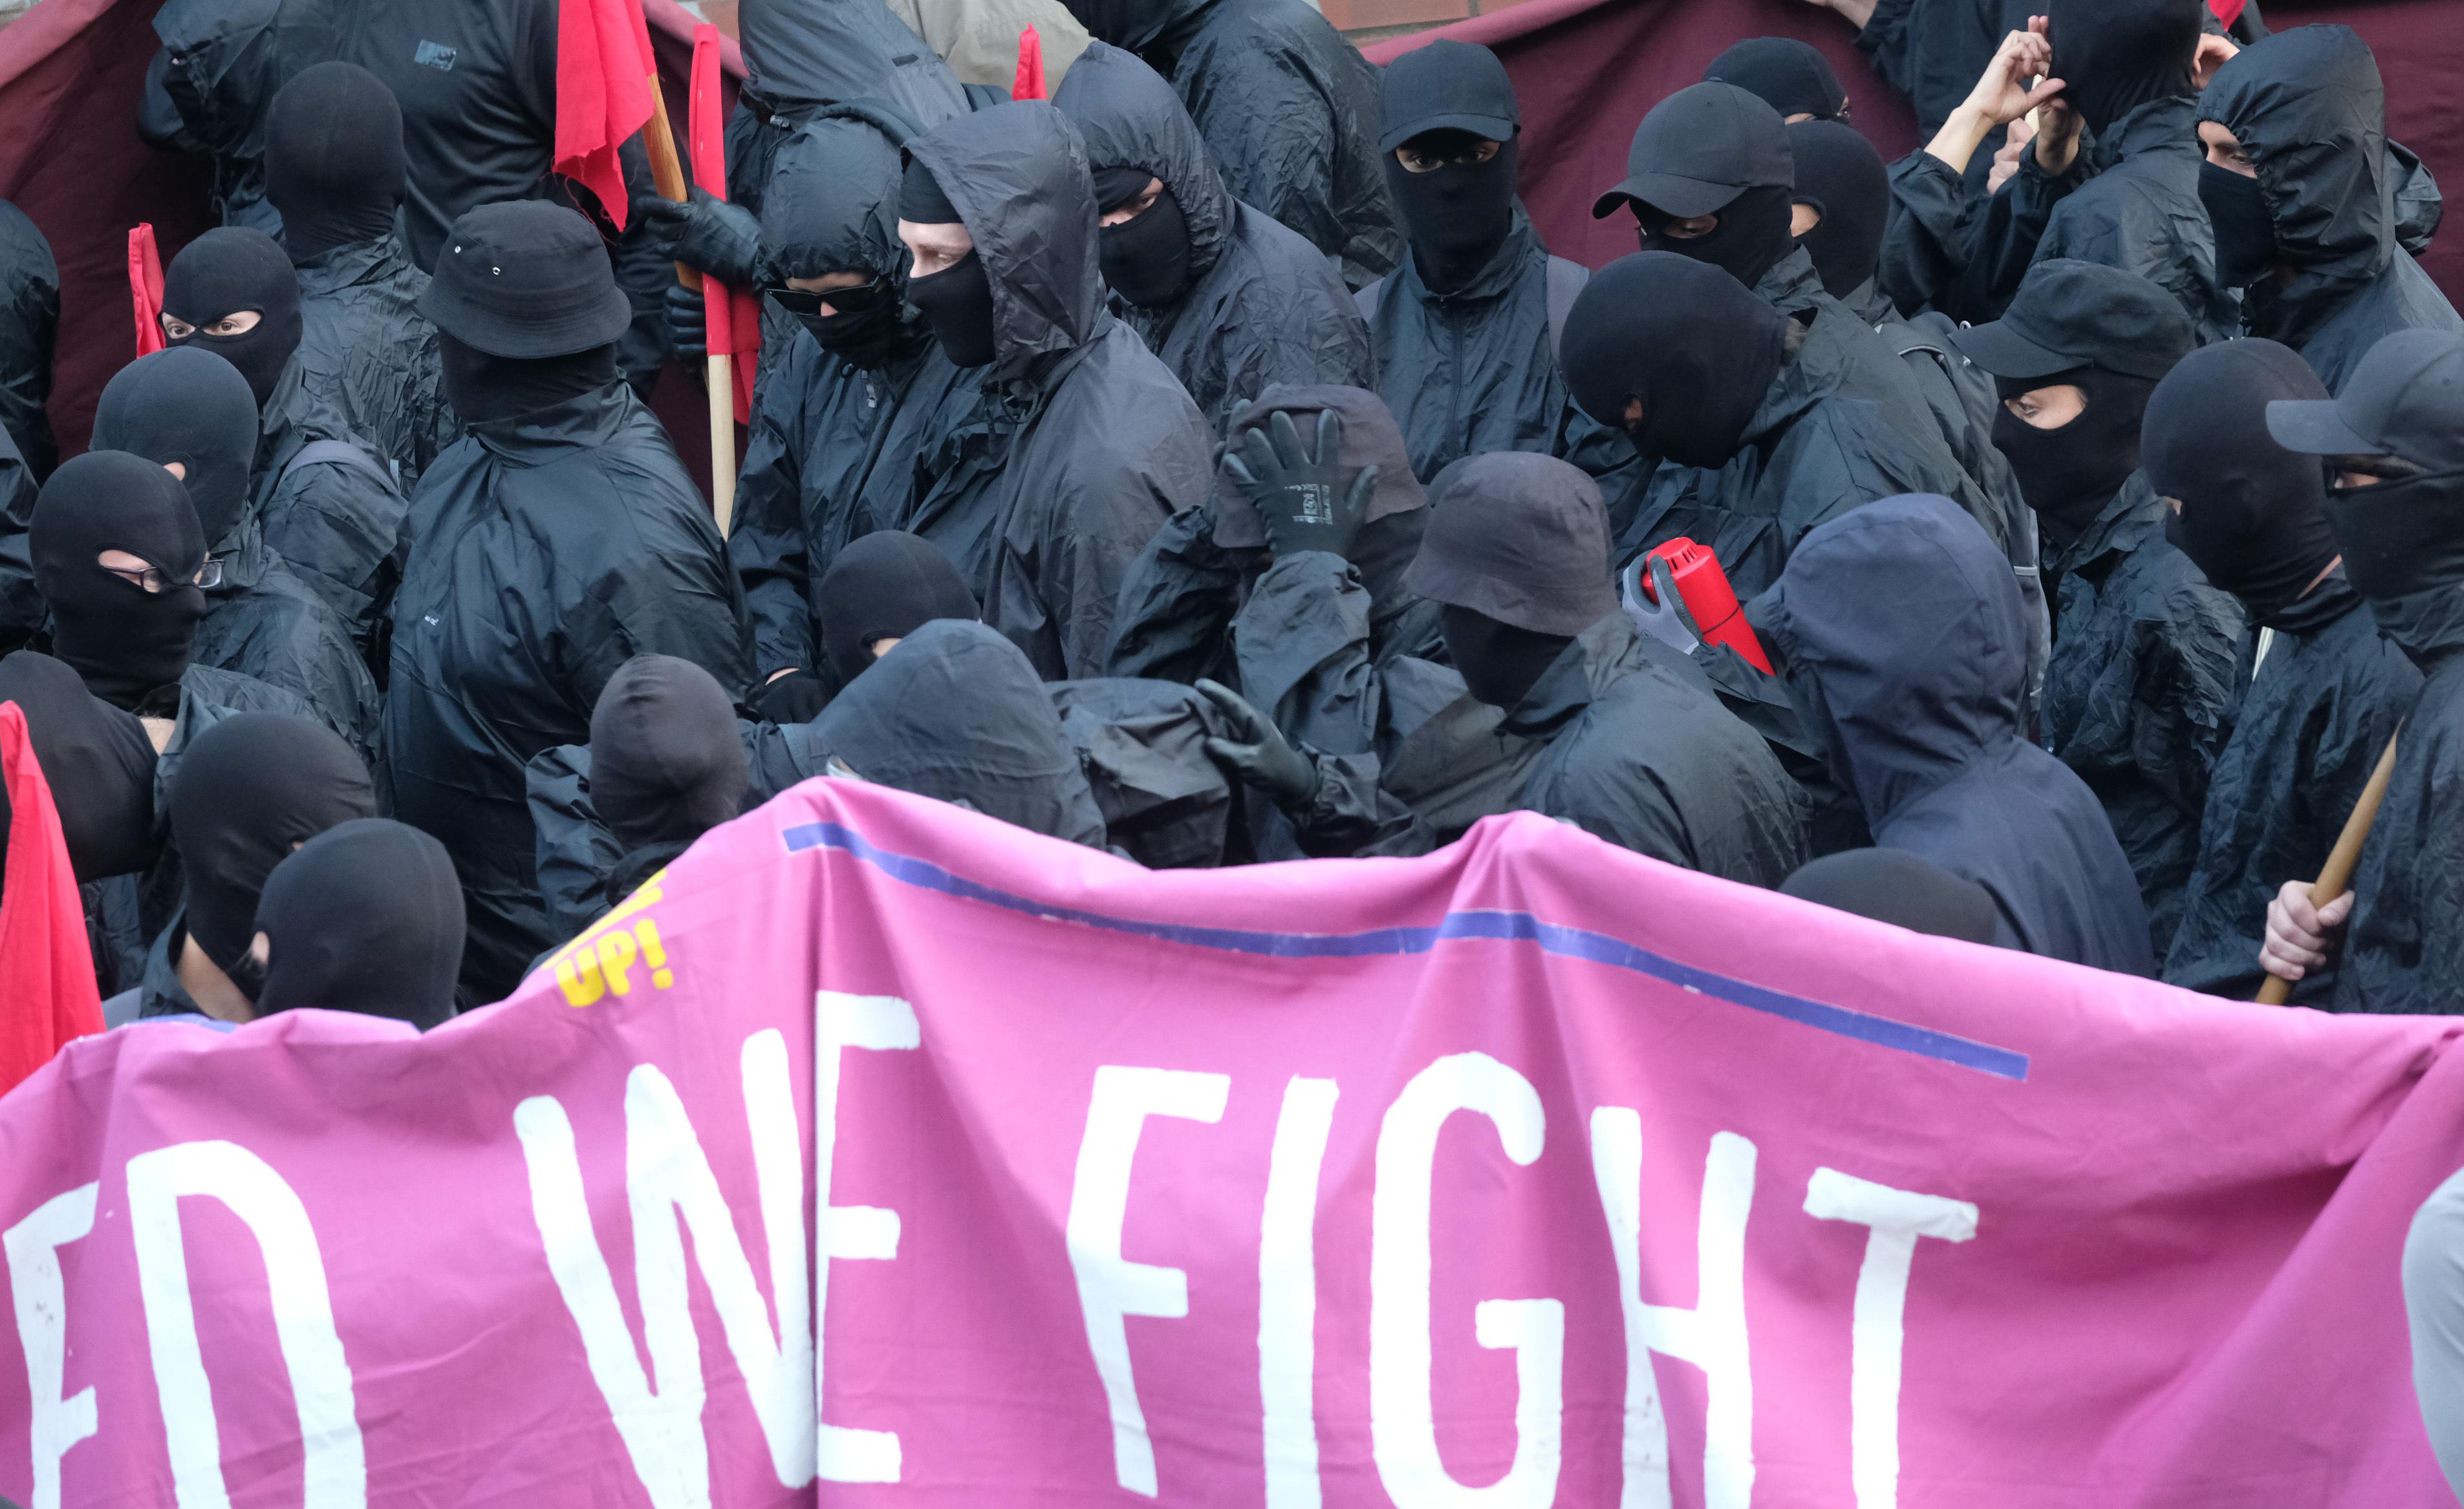 Betiltották a németországi szélsőbaloldal legfontosabb fórumát